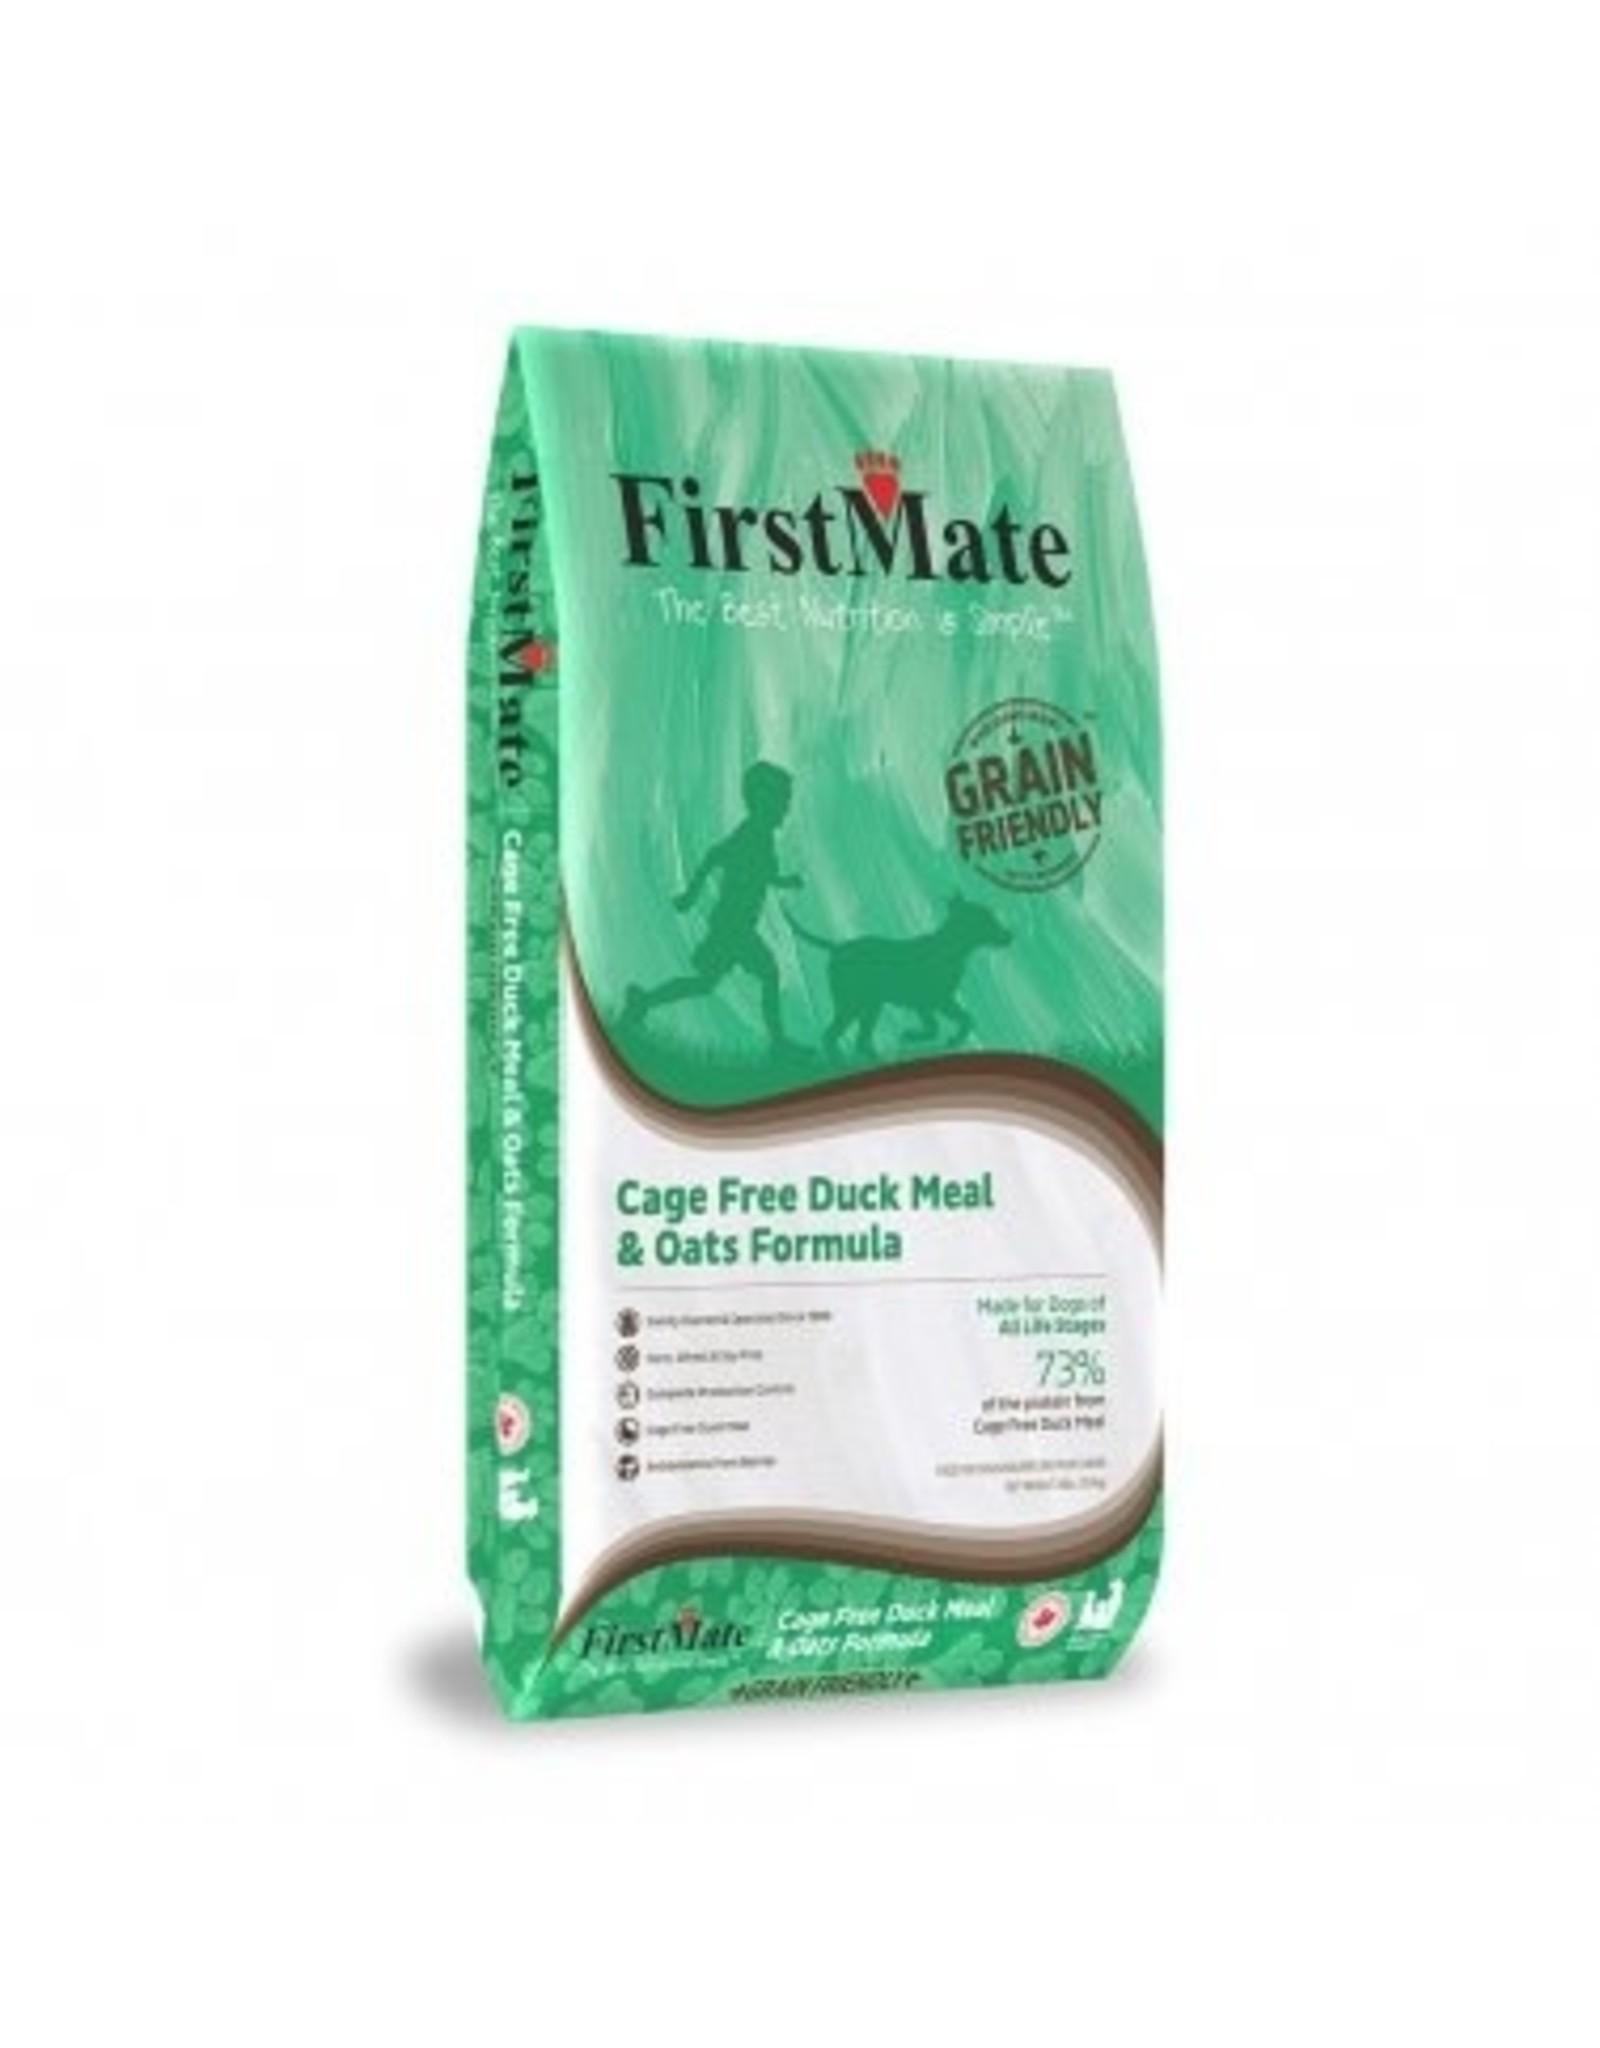 FirstMate FirstMate GrainFriendly DOG 11kg - Duck + Oats